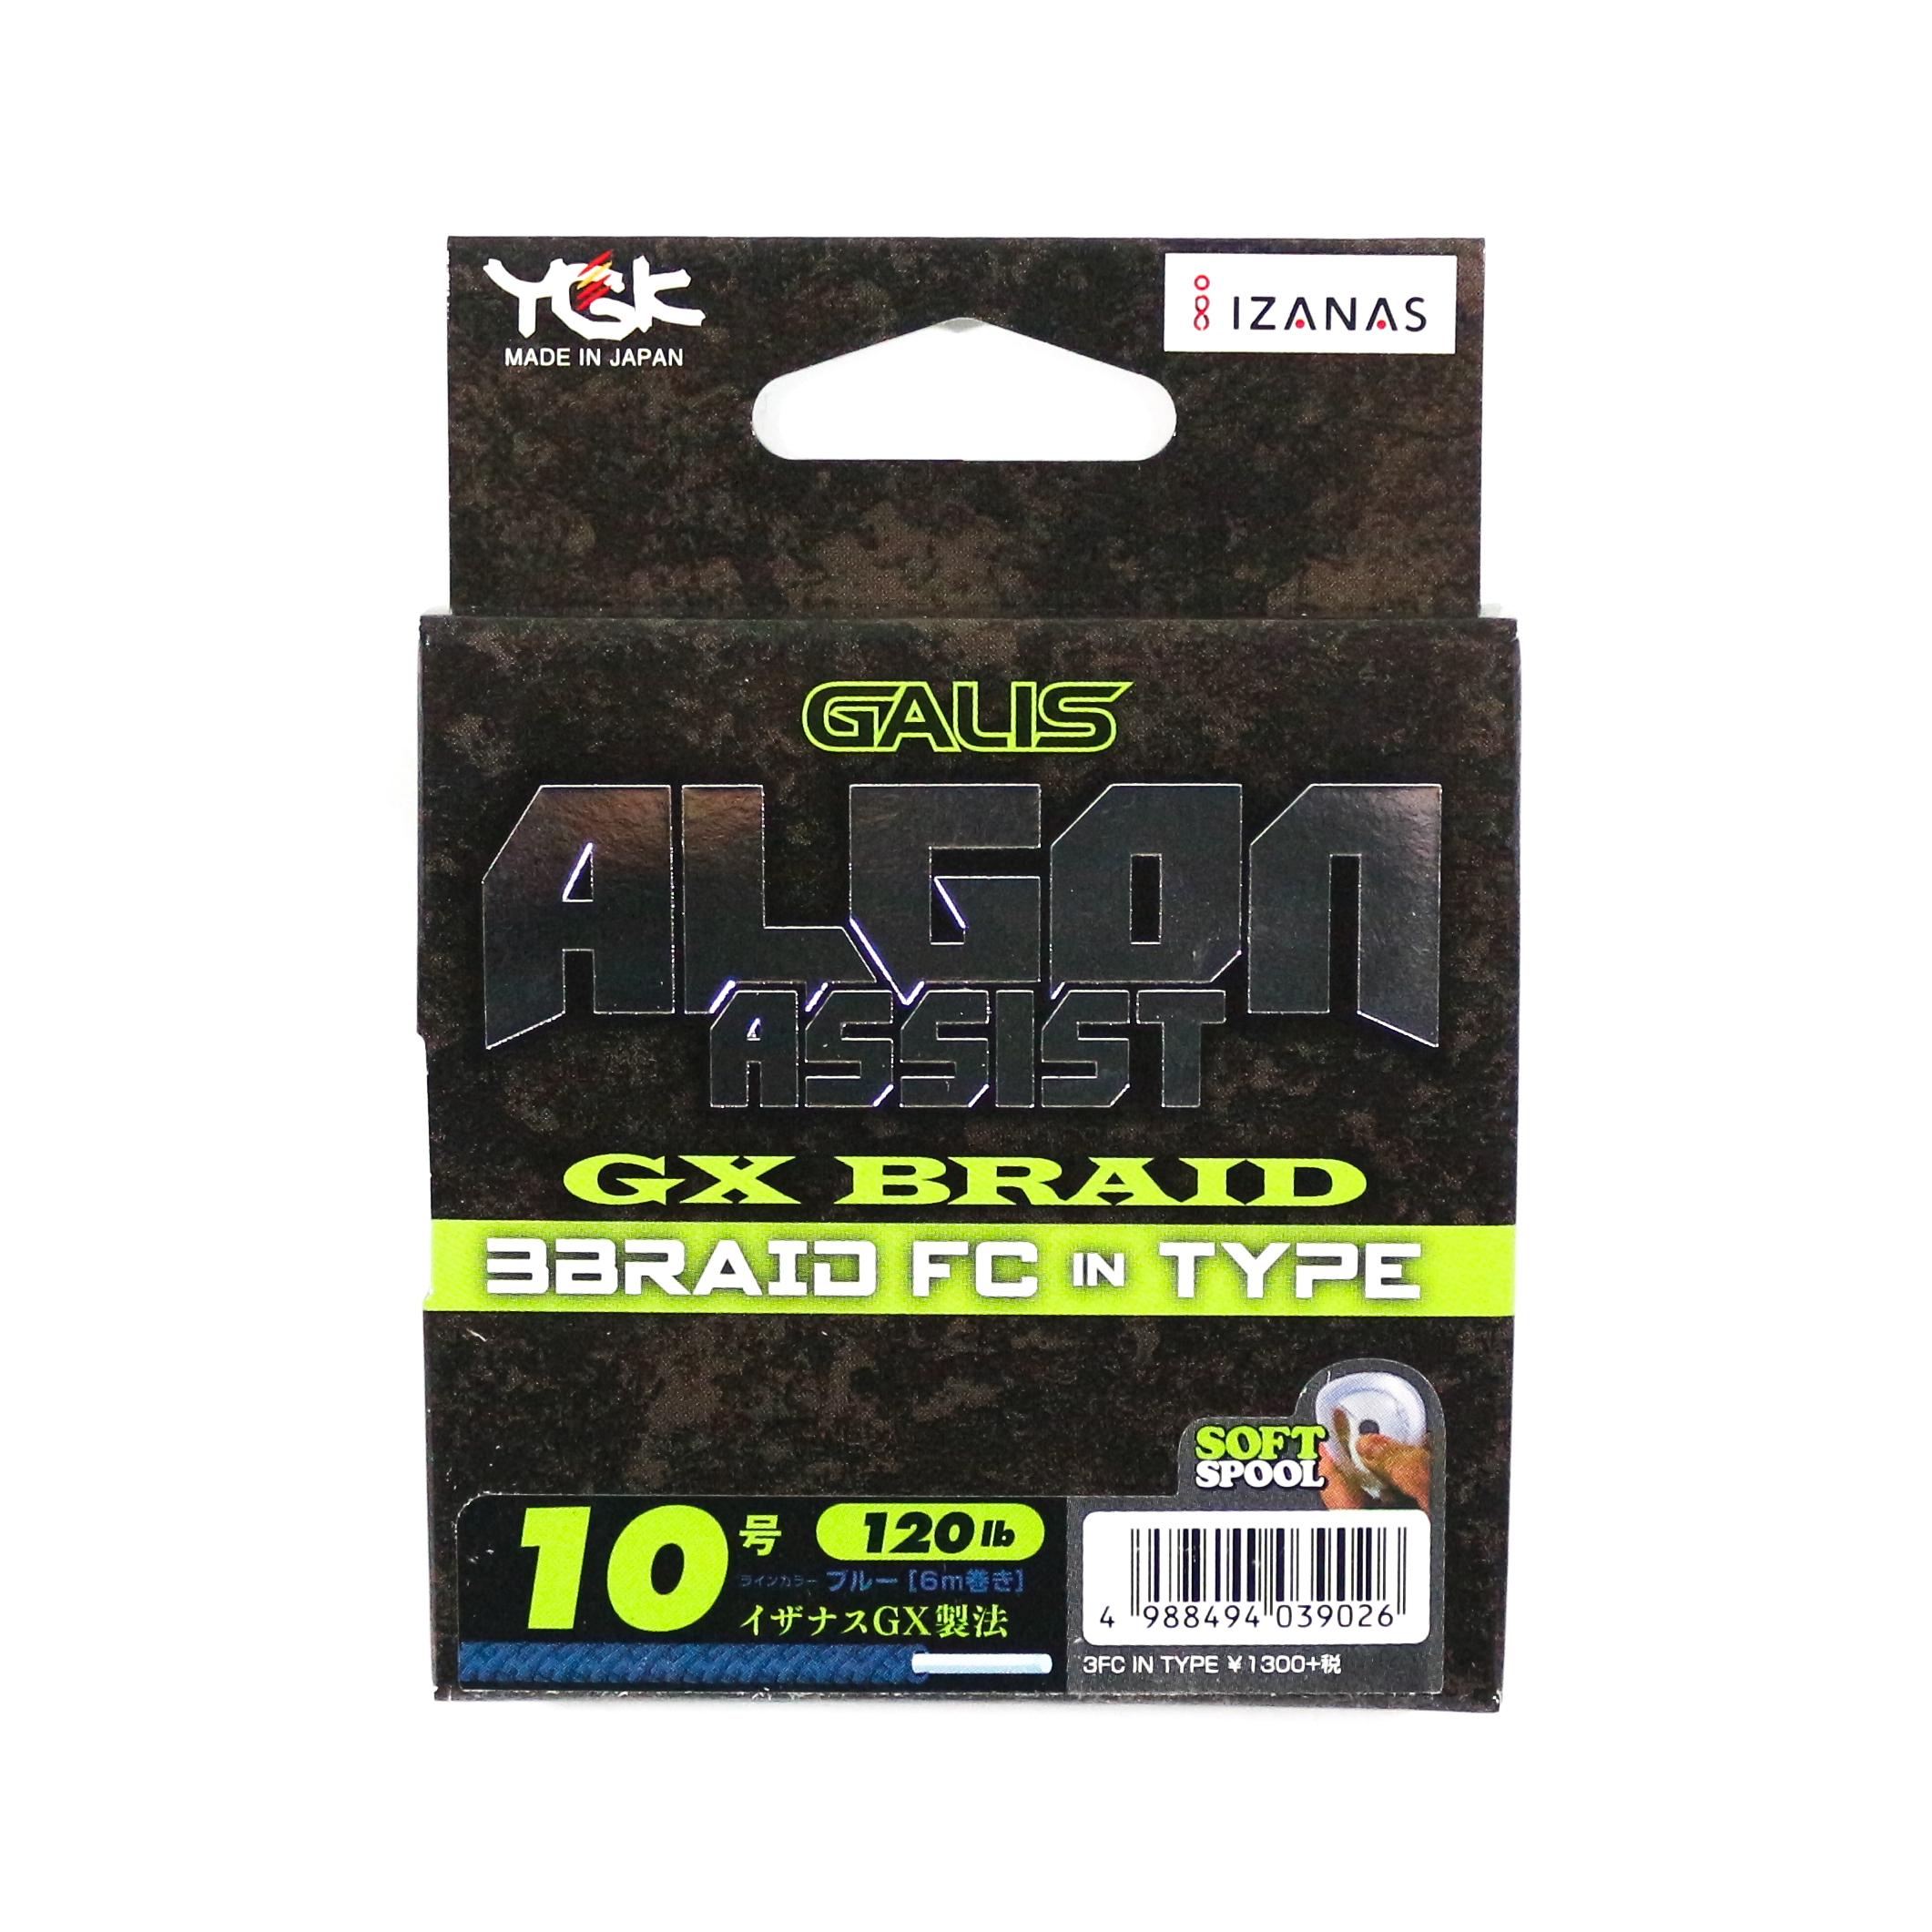 YGK Algon Assist GX Braid FC In Type 6m Size 10, 120lb Blue (9026)